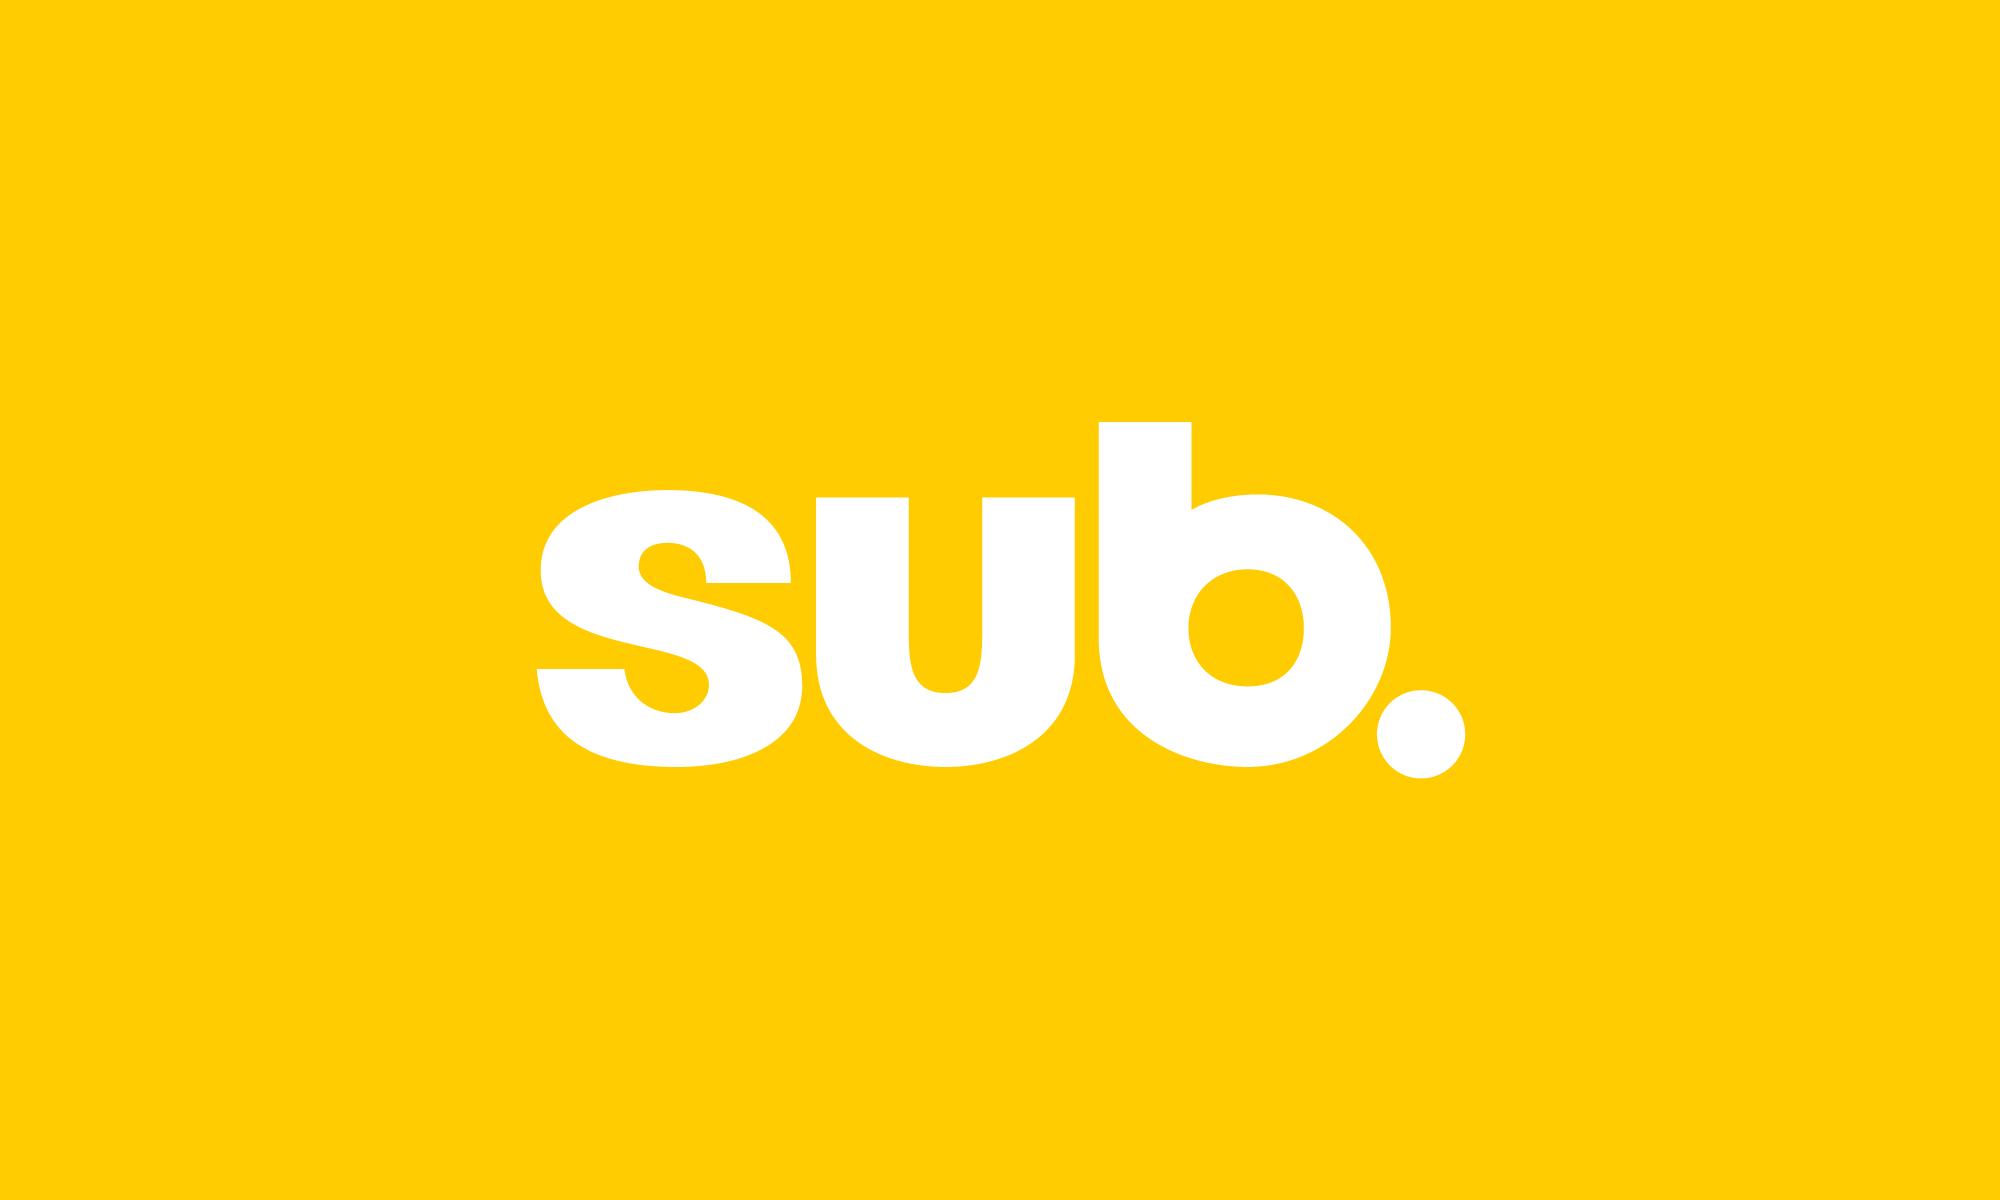 mtv_logo_sub